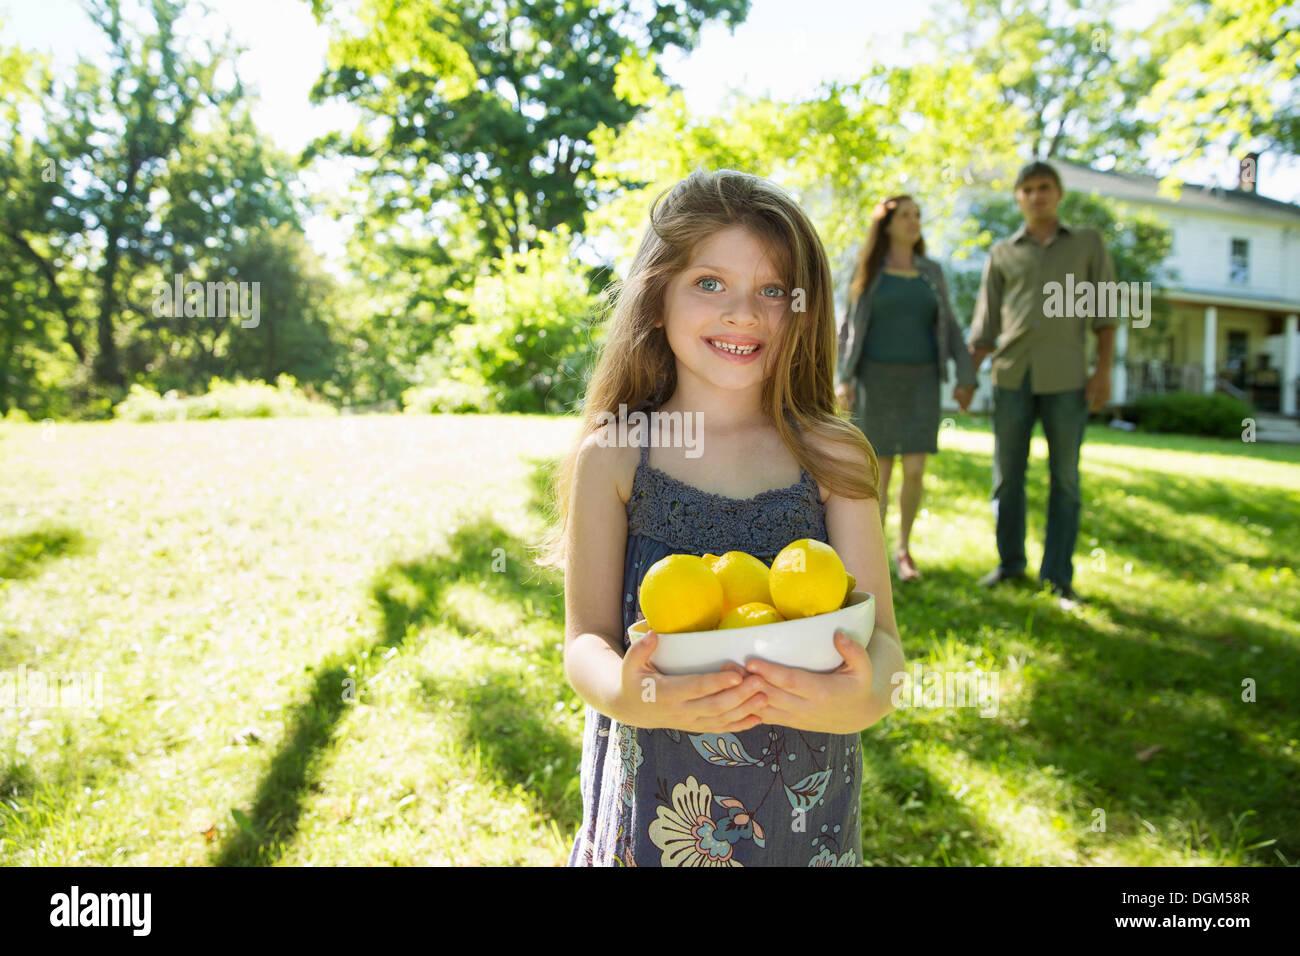 Granja. Los niños y adultos que trabajan juntos. Una chica sujetando una caja de limones, frutas frescas. Dos adultos en el fondo. Imagen De Stock